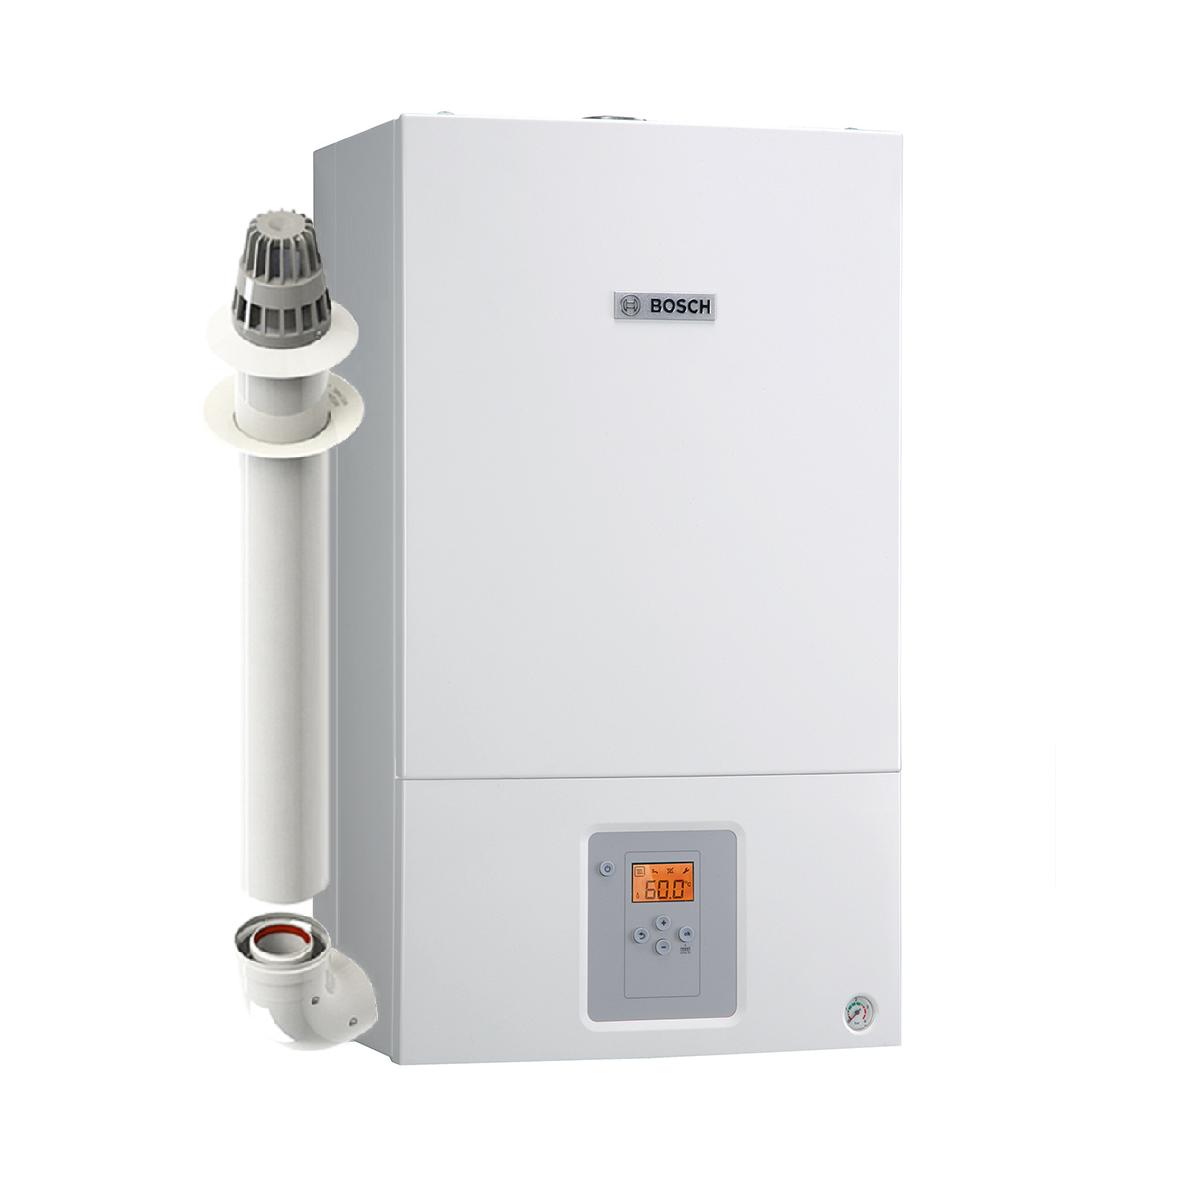 Настенный газовый турбированный двухконтурный котел Bosch Gaz 6000 WBN 35 CRN